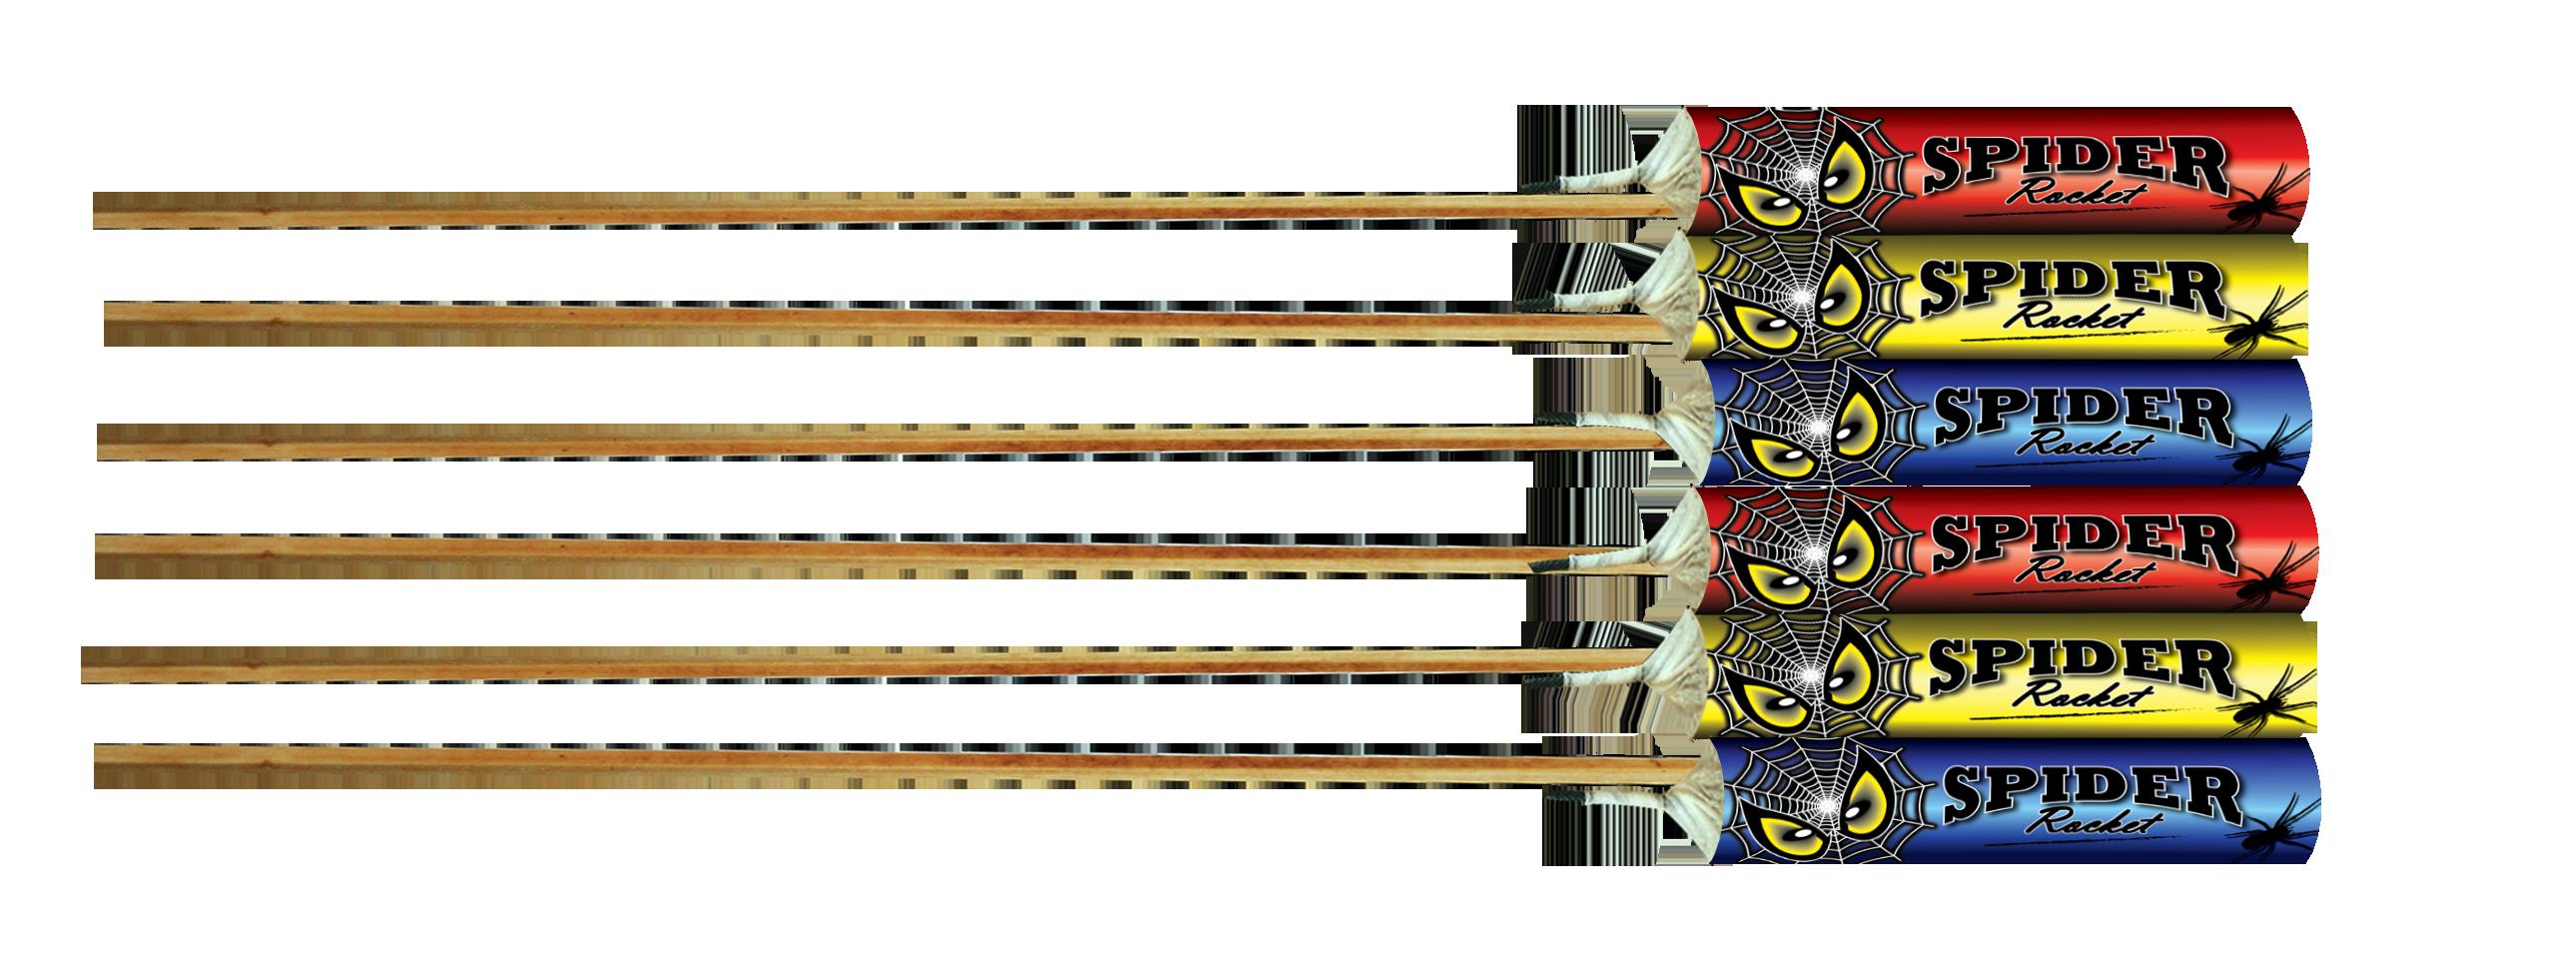 Spider Rocket (6 pijlen)